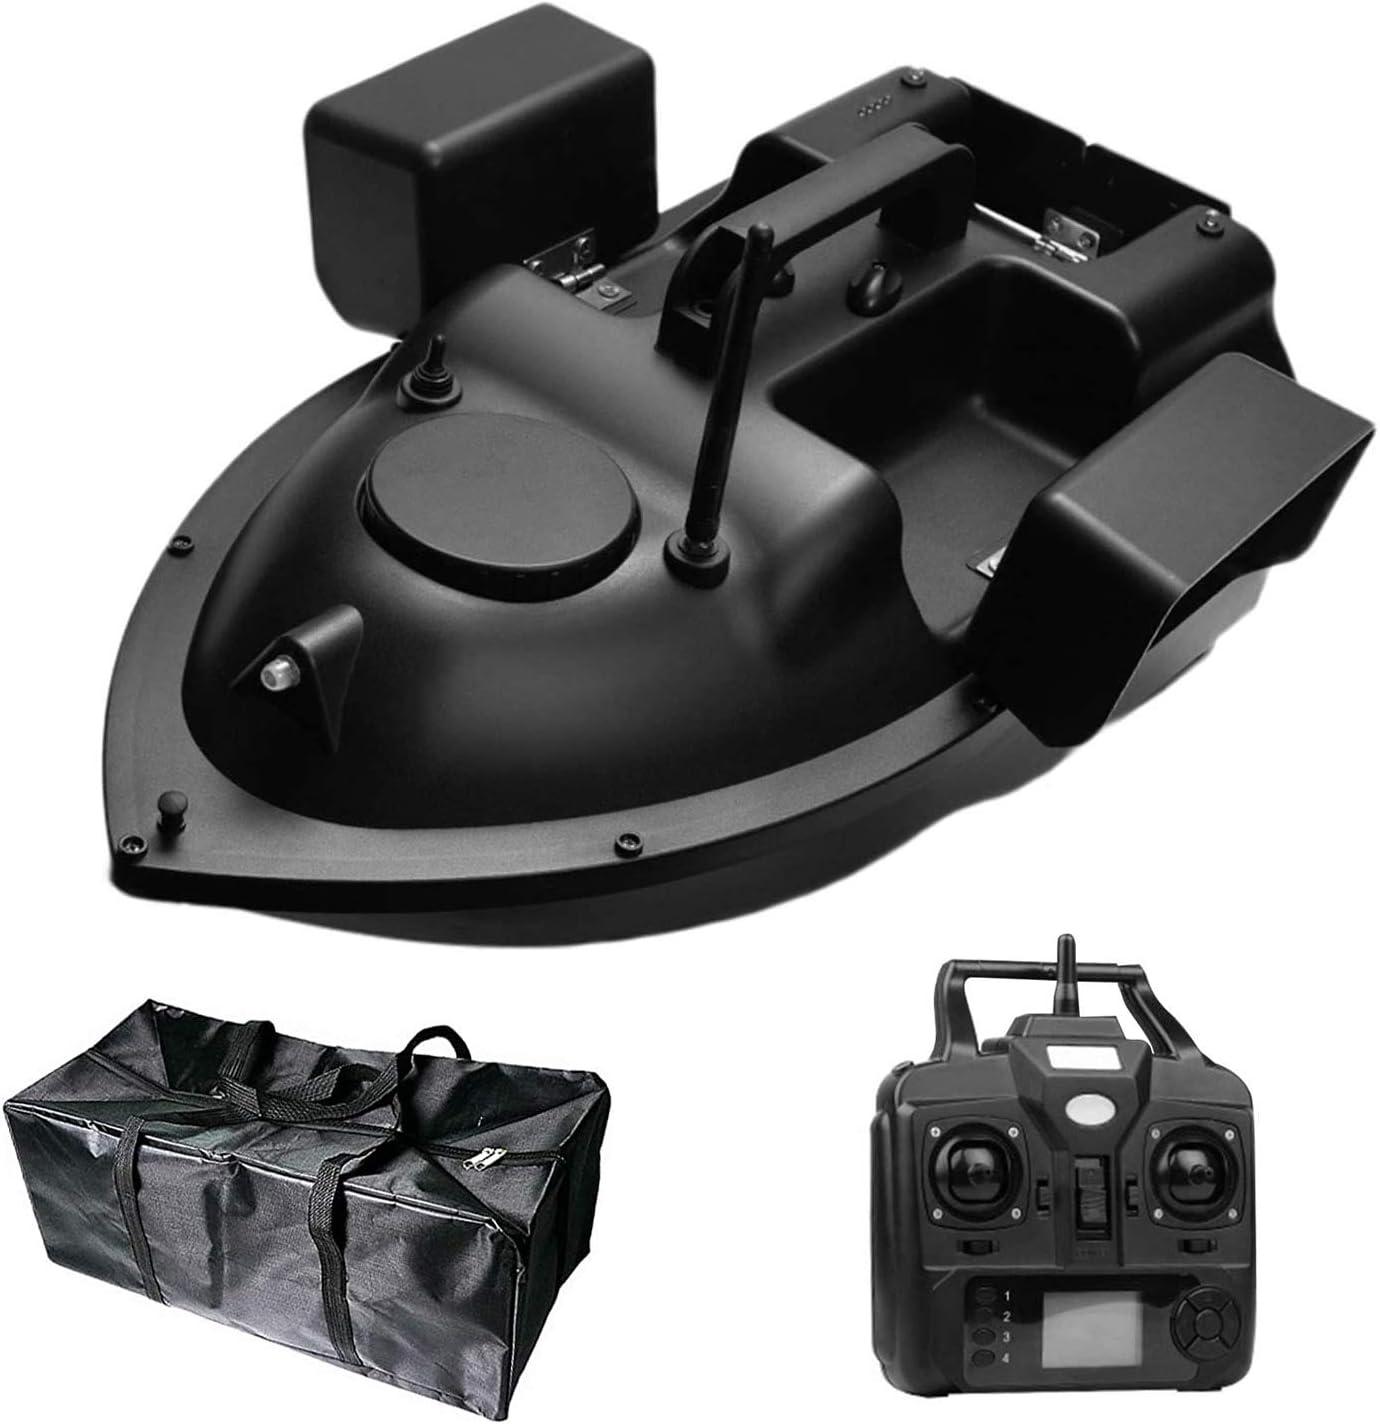 HAN XIU RC Pesca Bait Boat 500m Distancia GPS Bait Boat Control Remoto Pesca Barco de Cebo con Motores Dobles y Bolsa de Almacenamiento,Gps5200mah